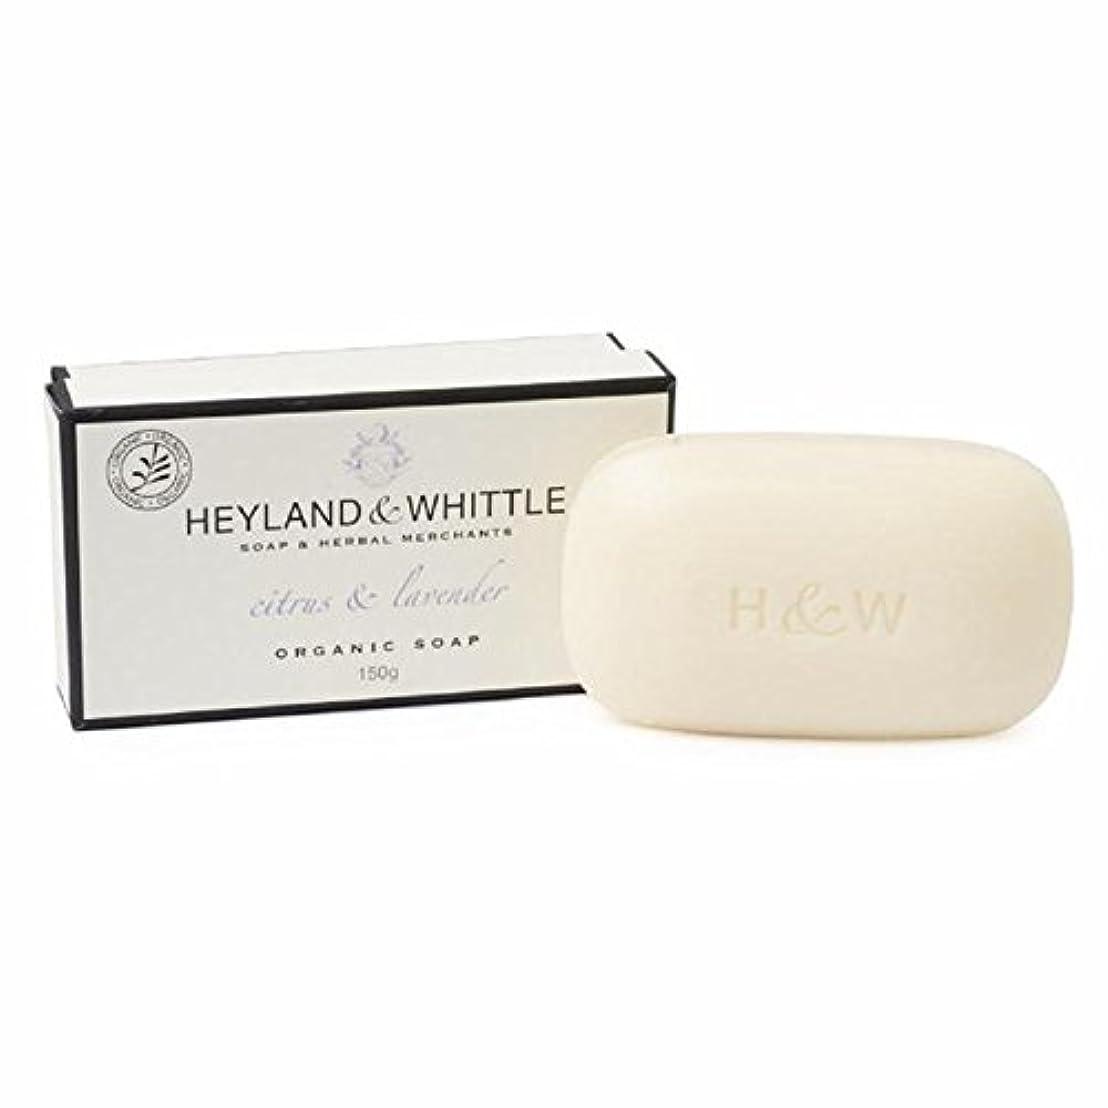 フェローシップ突撃受賞&削るシトラス&ラベンダーは、有機石鹸150グラム箱入り x2 - Heyland & Whittle Citrus & Lavender Boxed Organic Soap 150g (Pack of 2) [並行輸入品]